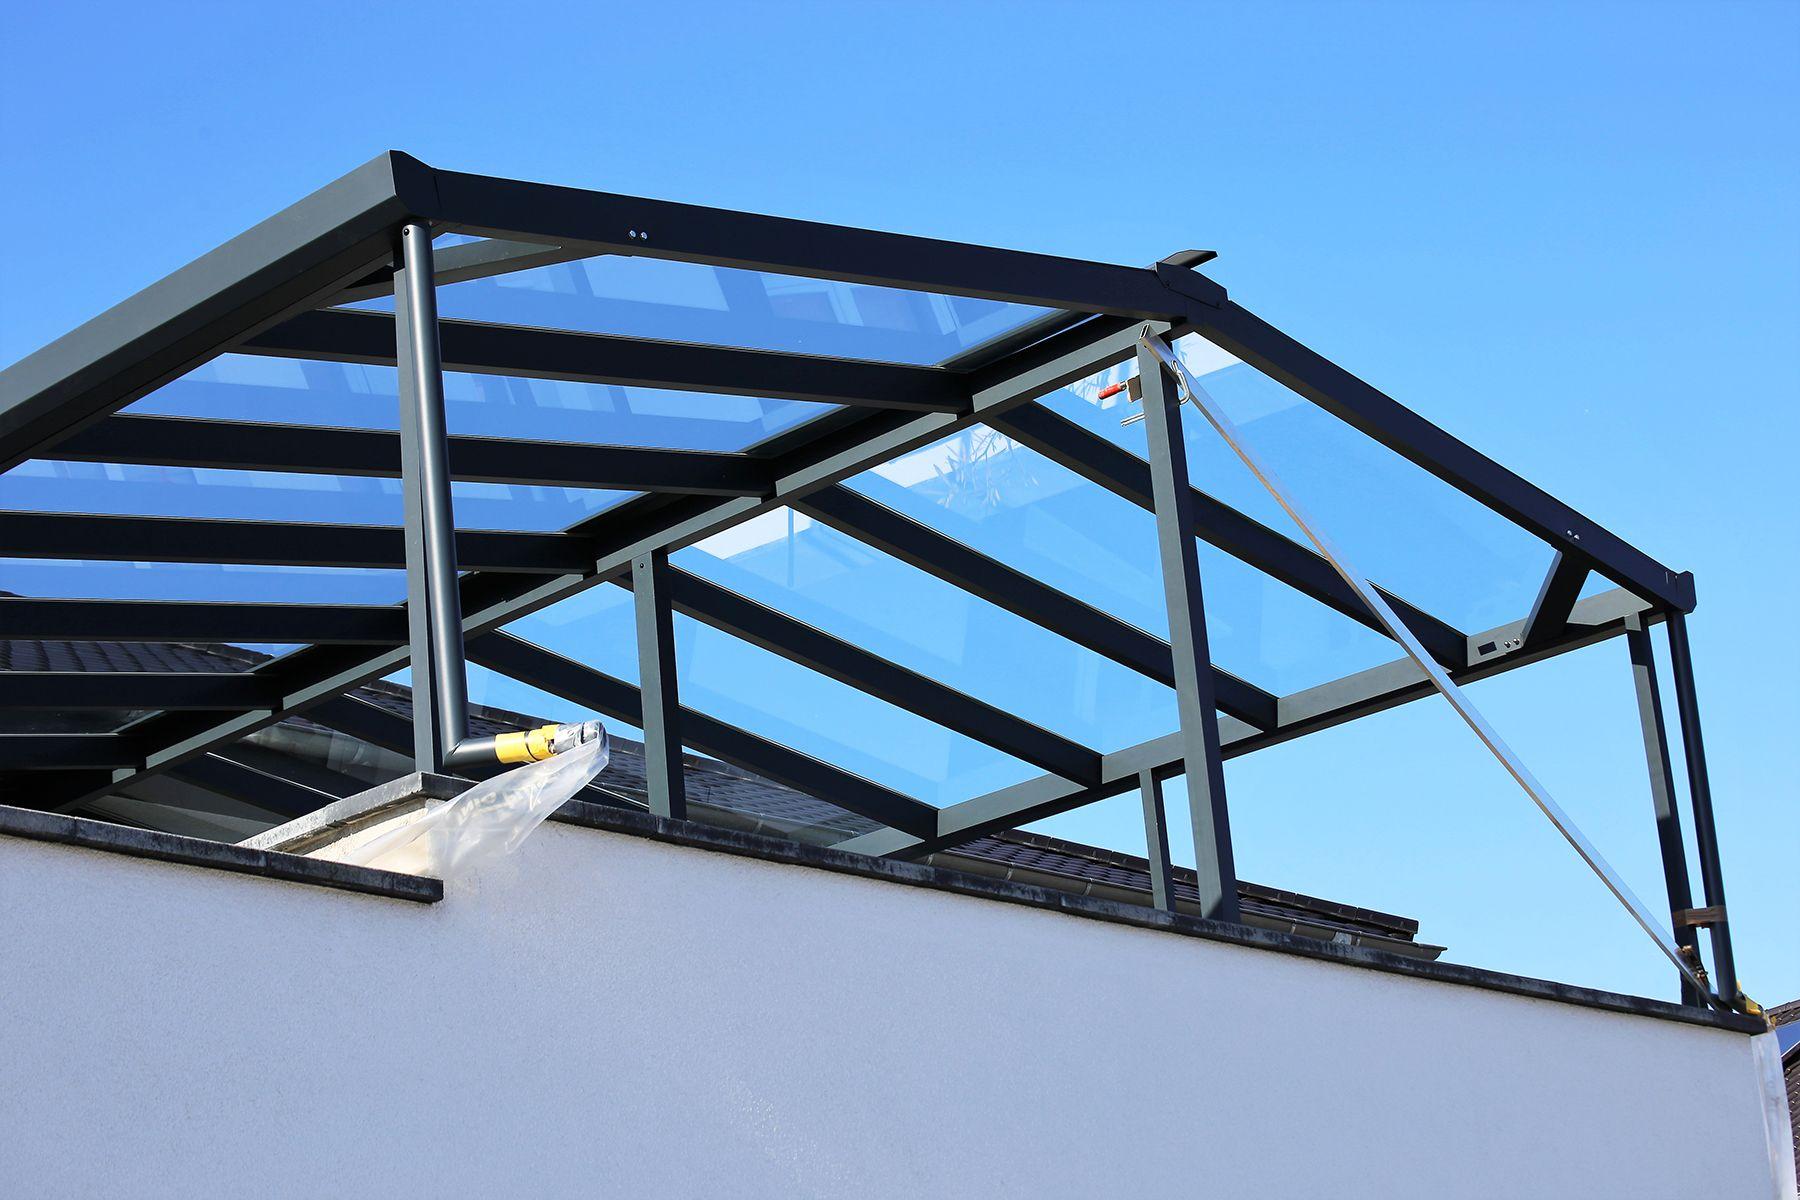 Foto 6 de Carpintería de aluminio, metálica y PVC en Rivas-Vaciamadrid | Beda Aluminios, S.L.